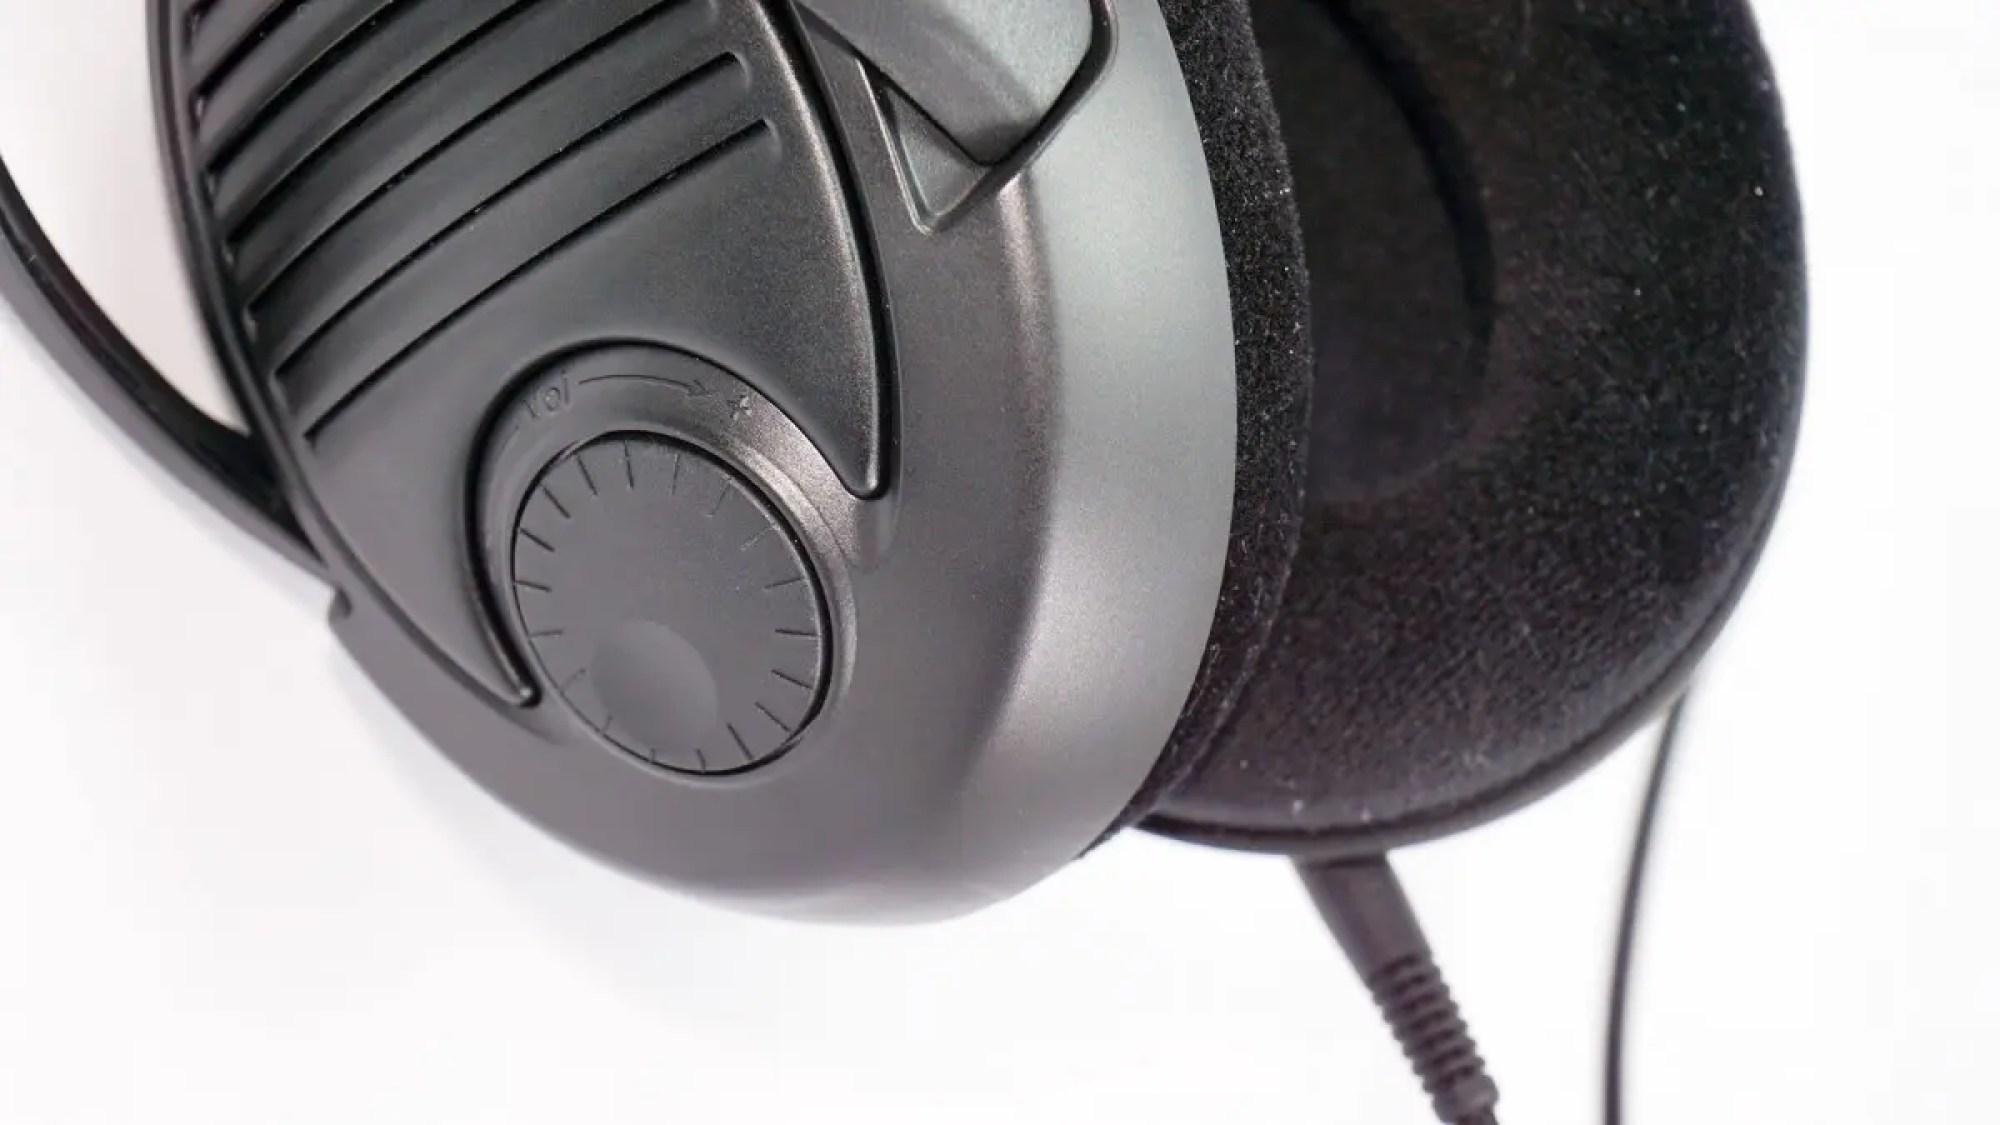 Регулятор громкости на правой чашке PC37X.